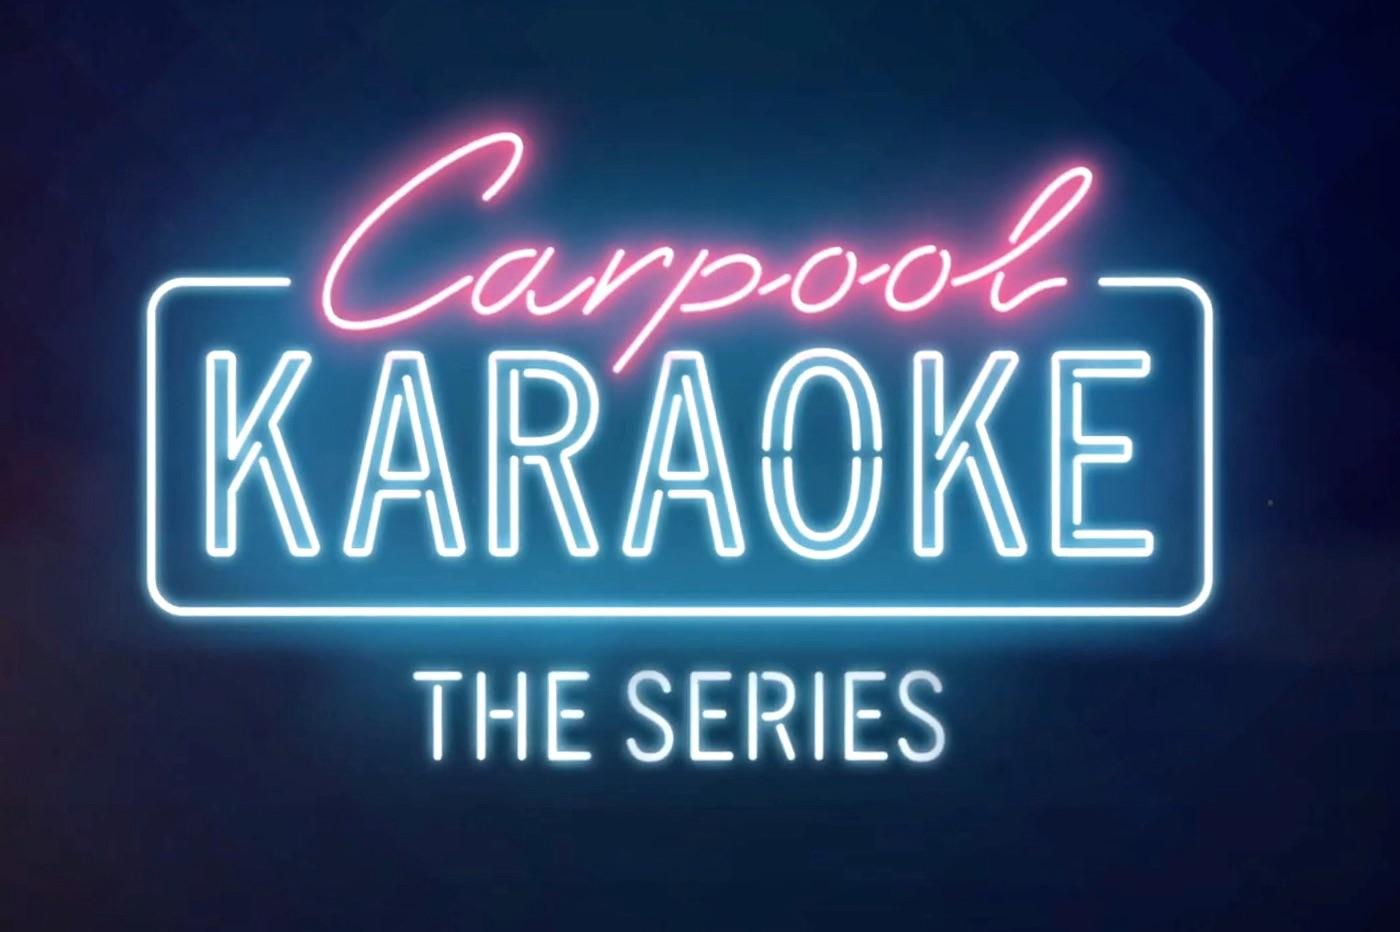 Carpool Karaoke sur Apple TV : bientôt la saison 3 (bande-annonce) 1